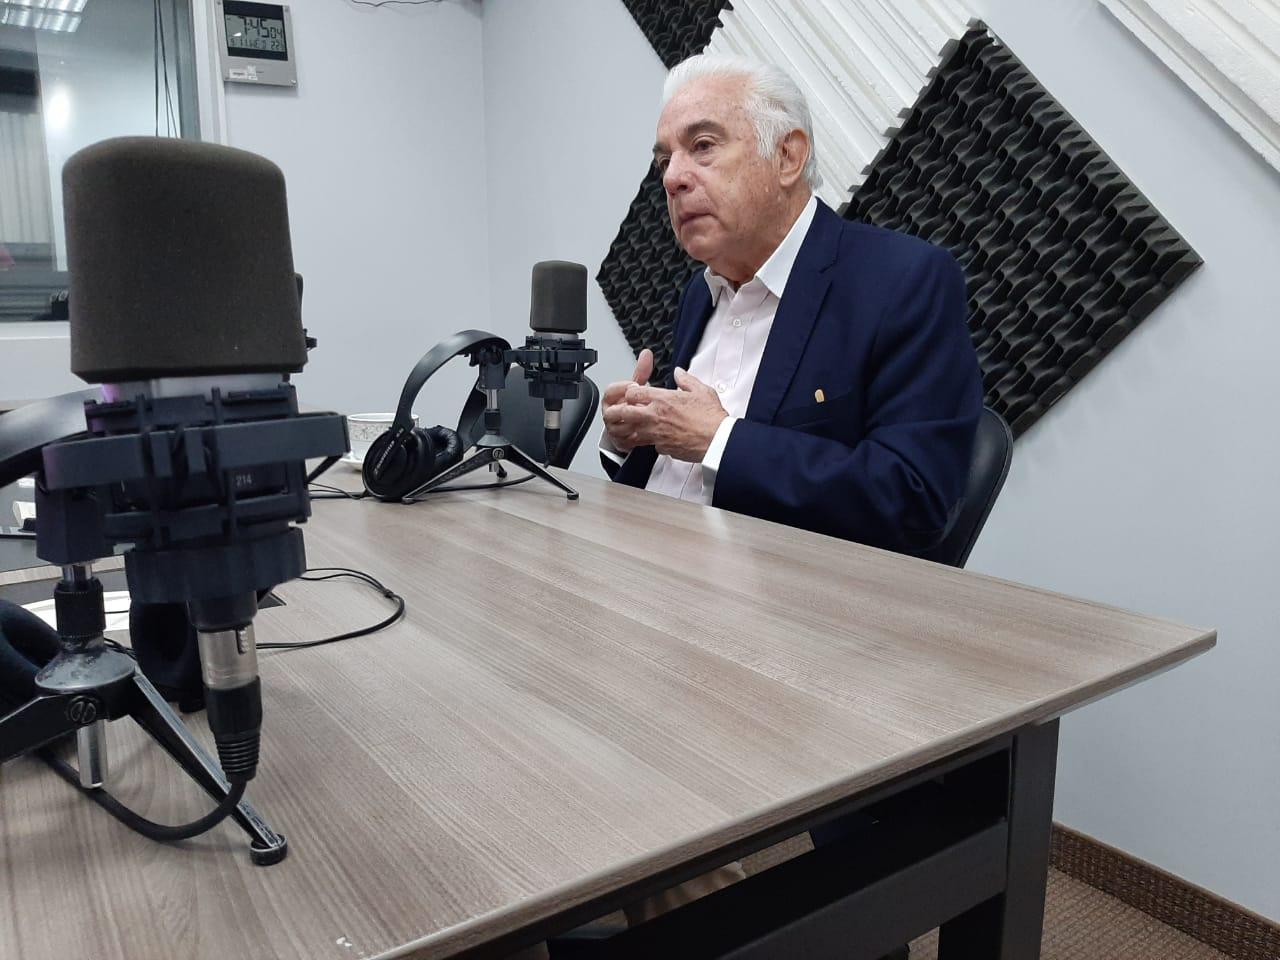 Fernando Santos: Reparación a Ecuador de la empresa Odebrecht